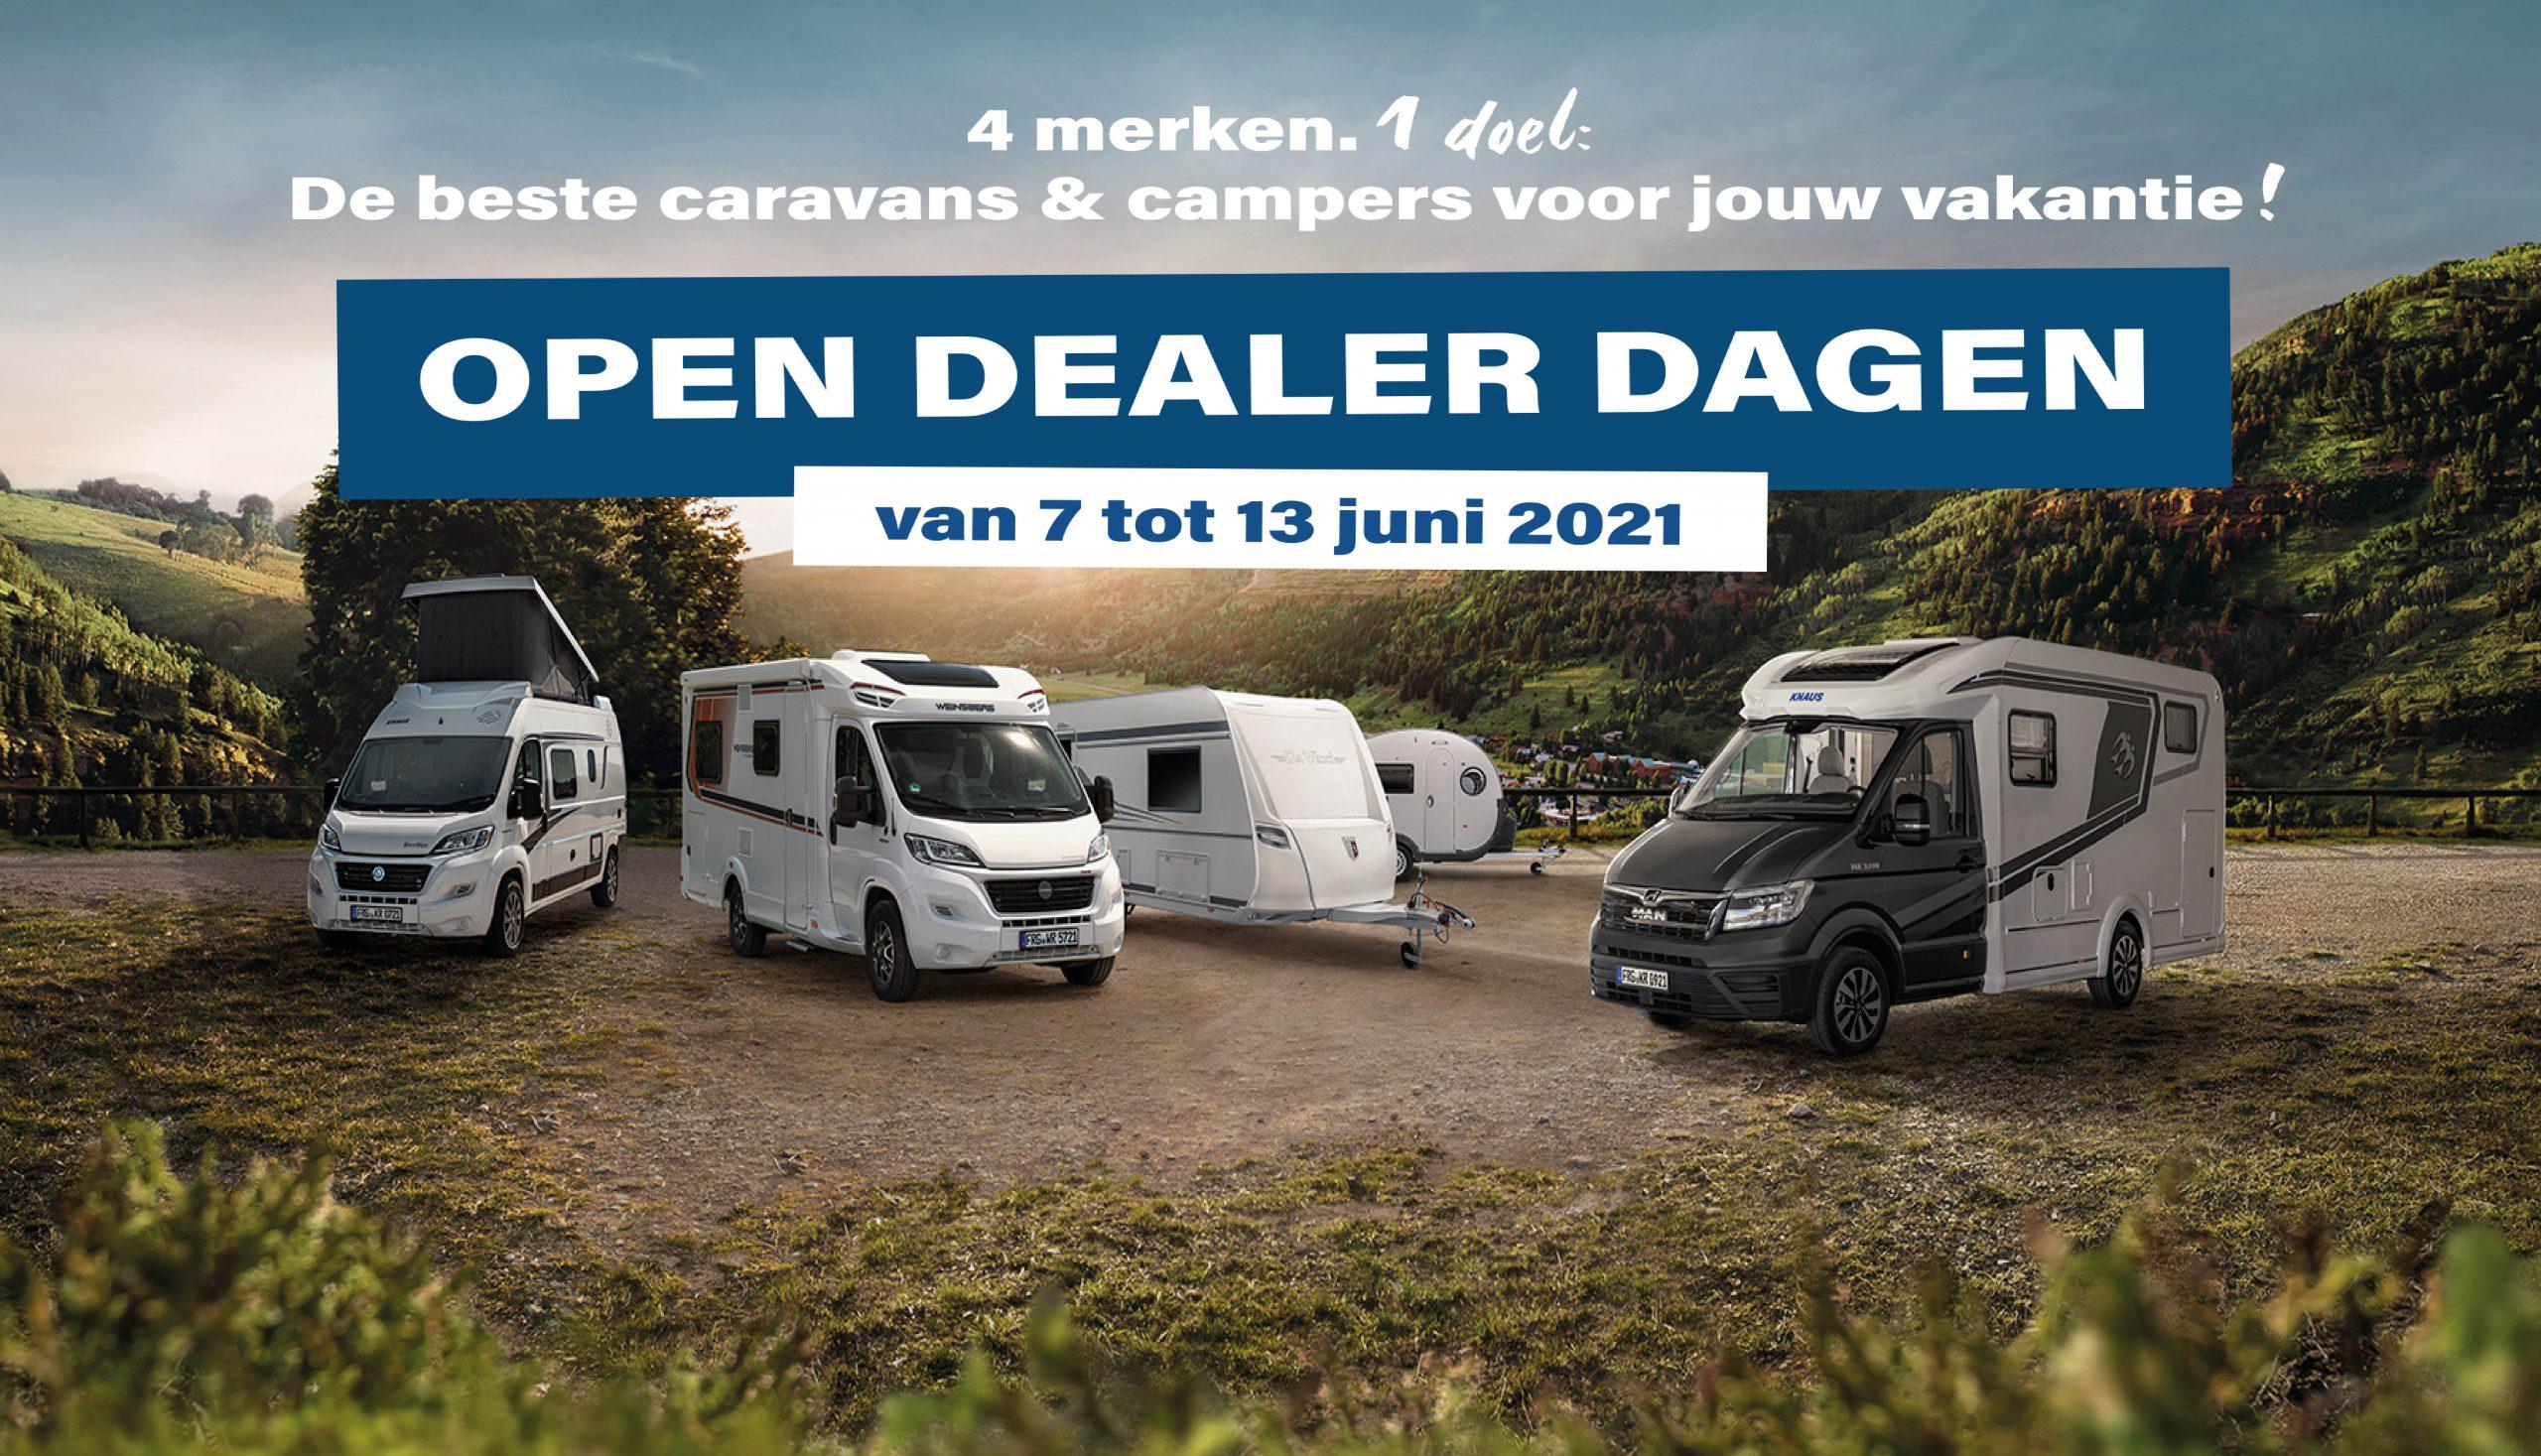 Open dealer dagen 7 tot 13 juni